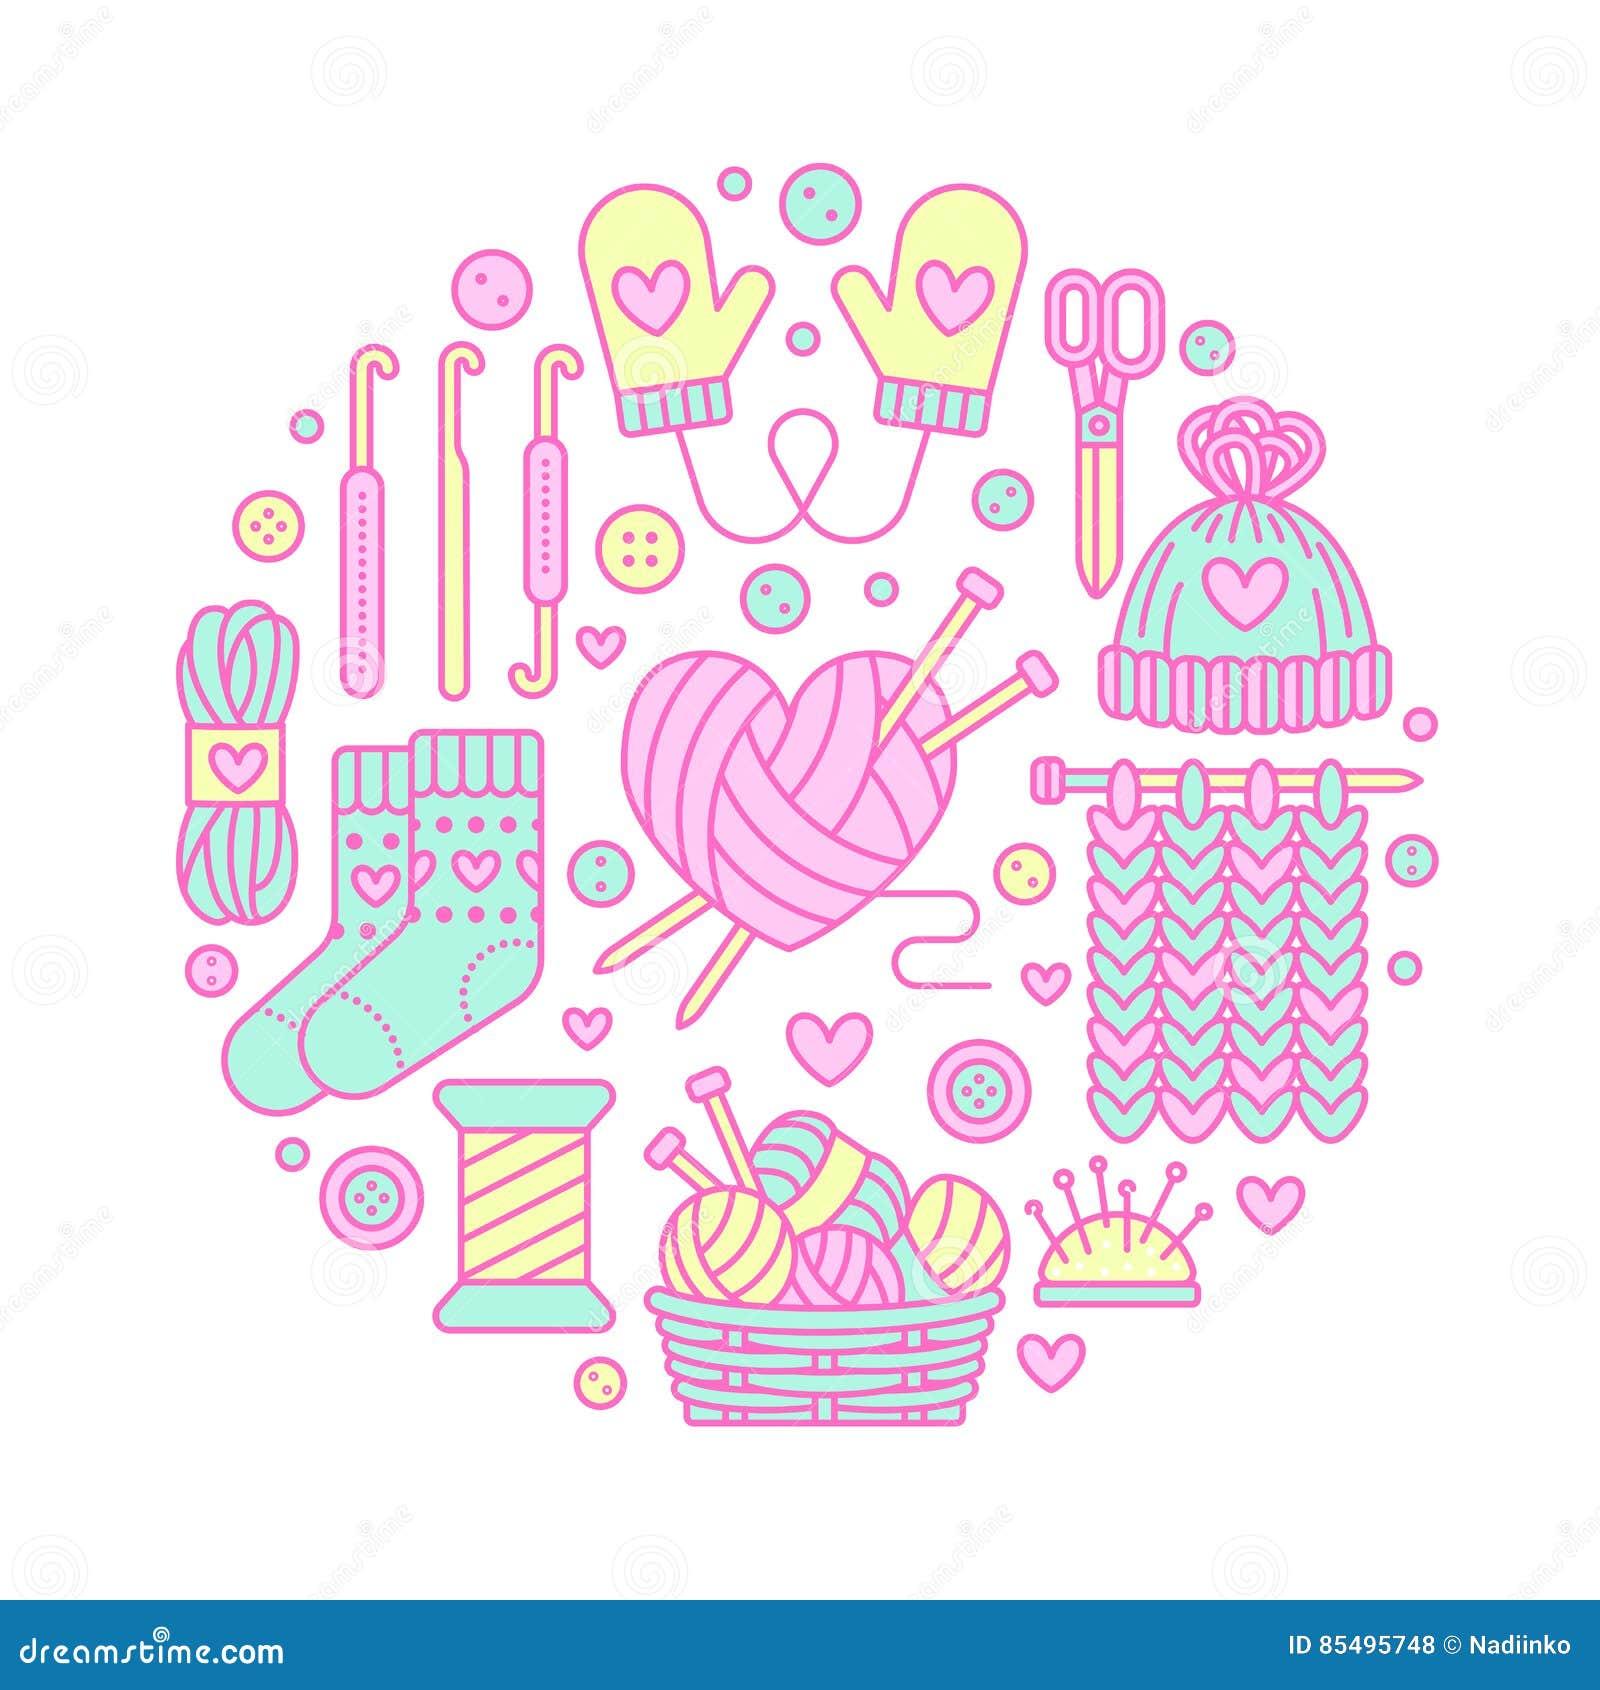 Πλέξιμο, τσιγγελάκι, χέρι - γίνοντη απεικόνιση εμβλημάτων Διανυσματική πλέκοντας βελόνα εικονιδίων γραμμών, γάντζος, μαντίλι, κάλ